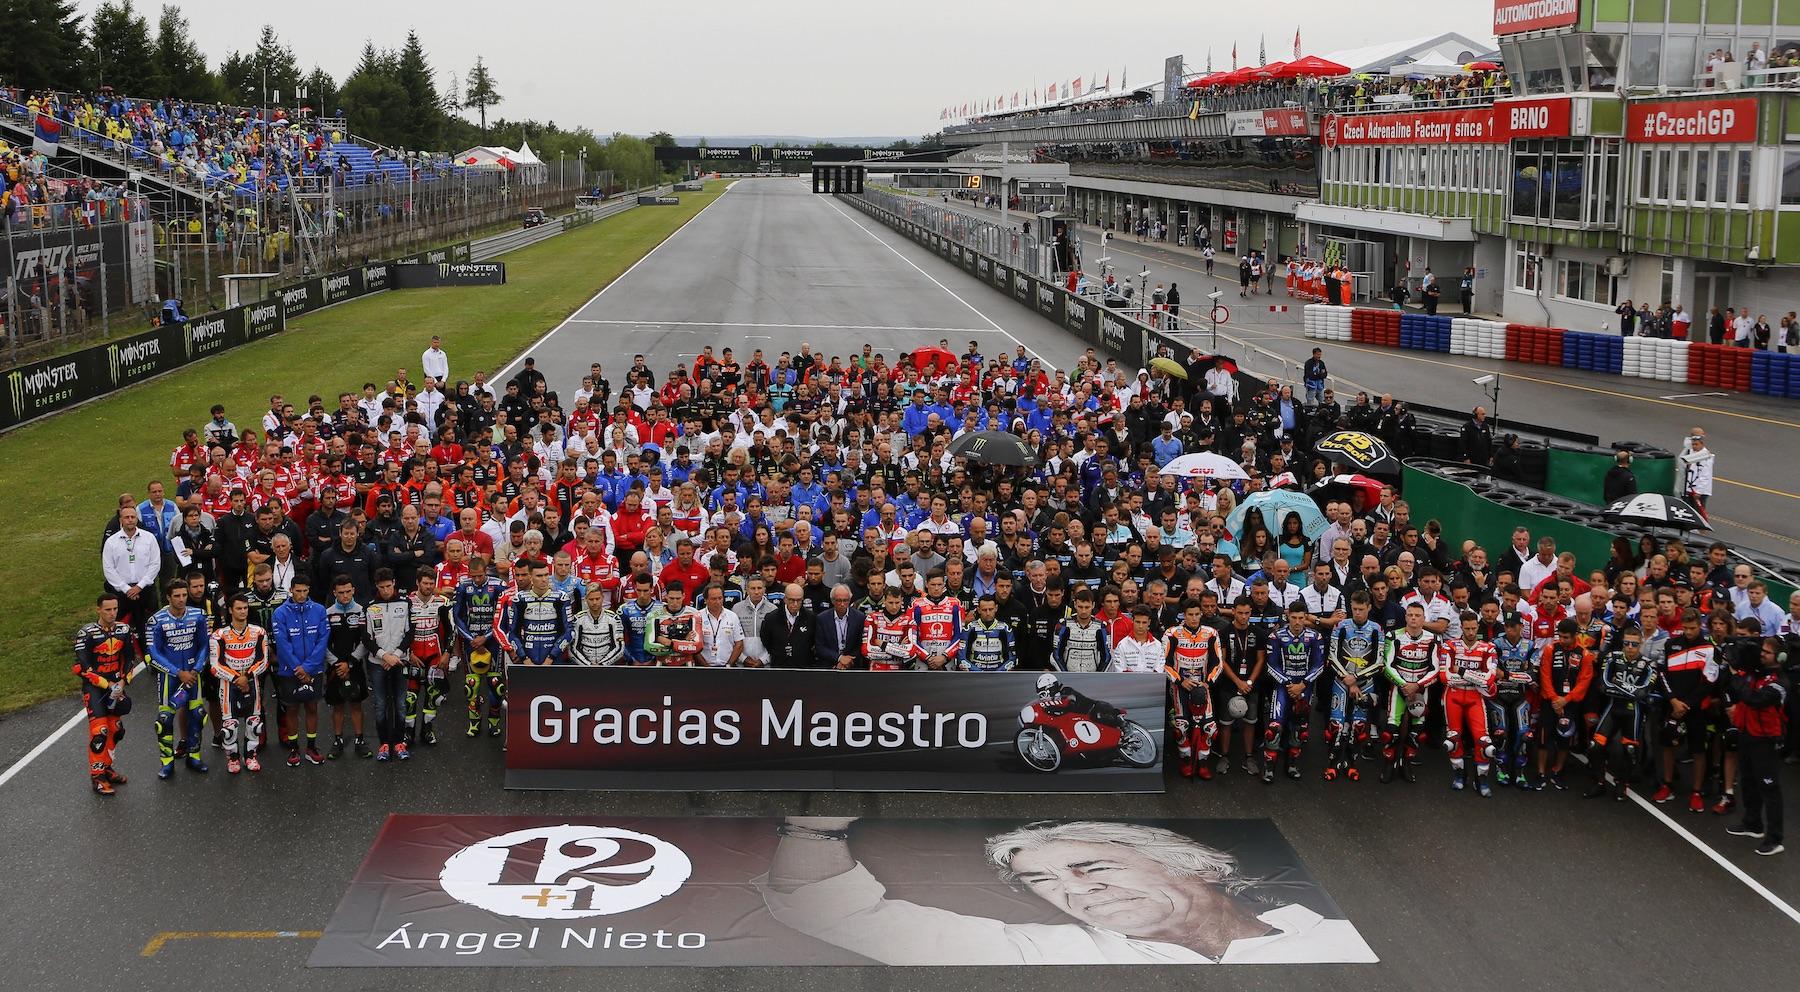 La familia de MotoGP recuerda a Ángel Nieto con un minuto de silencio